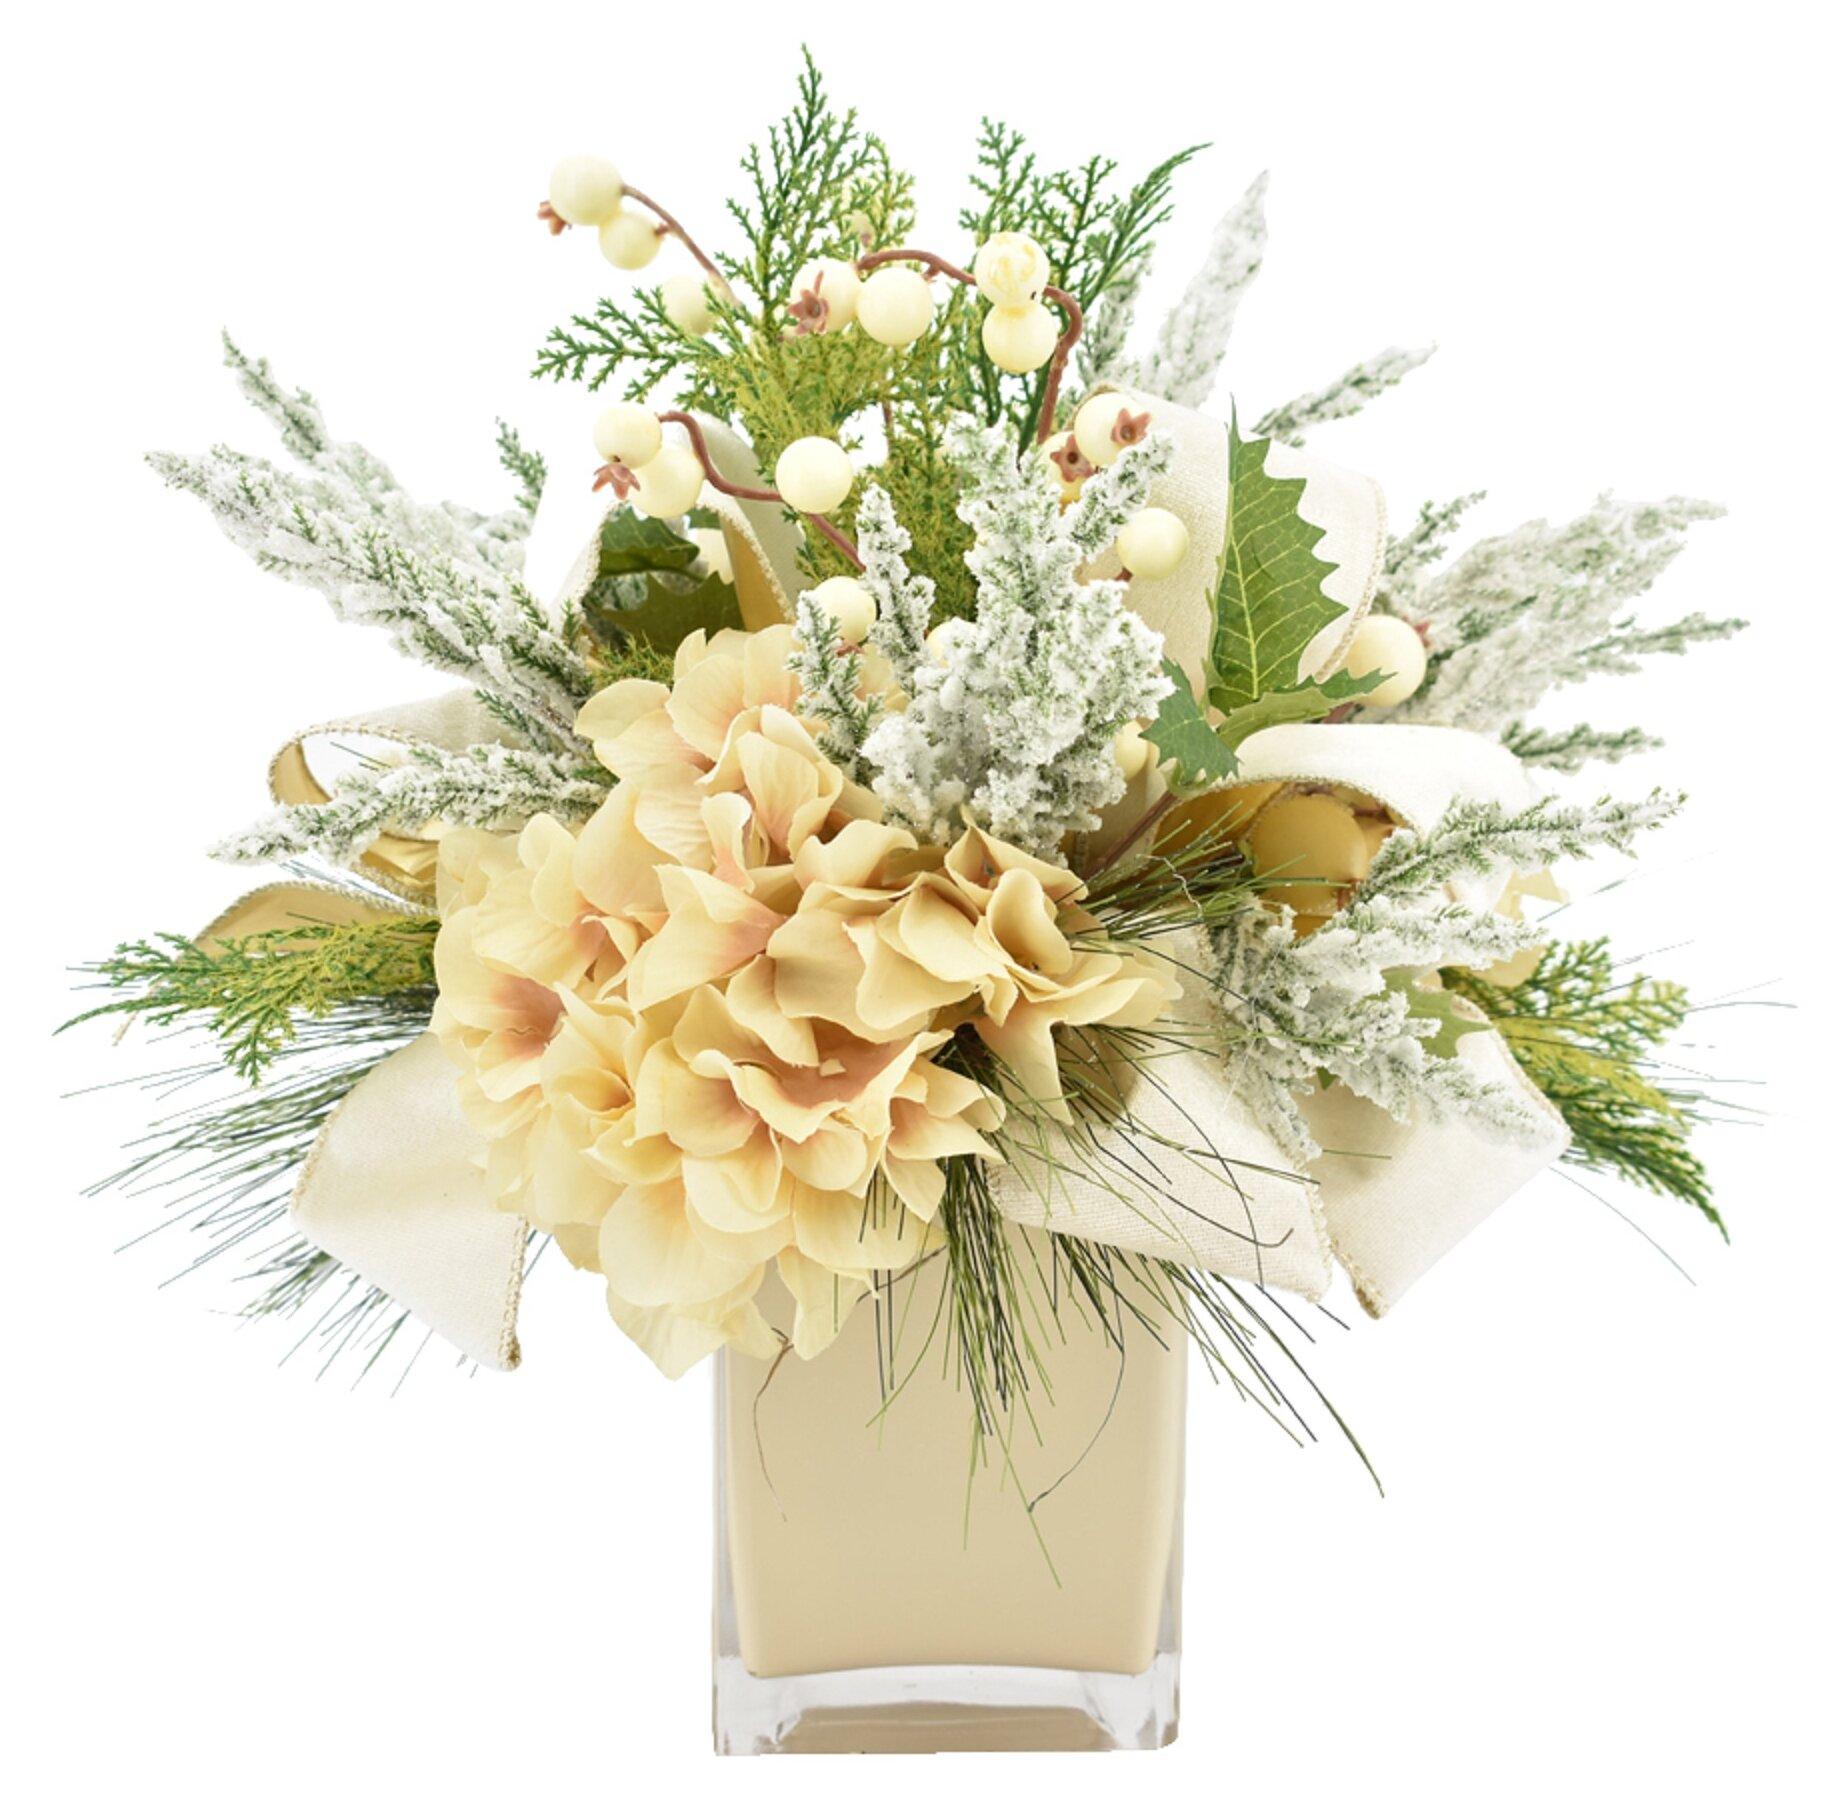 Holiday Hydrangea Floral Arrangement In Vase Reviews Birch Lane